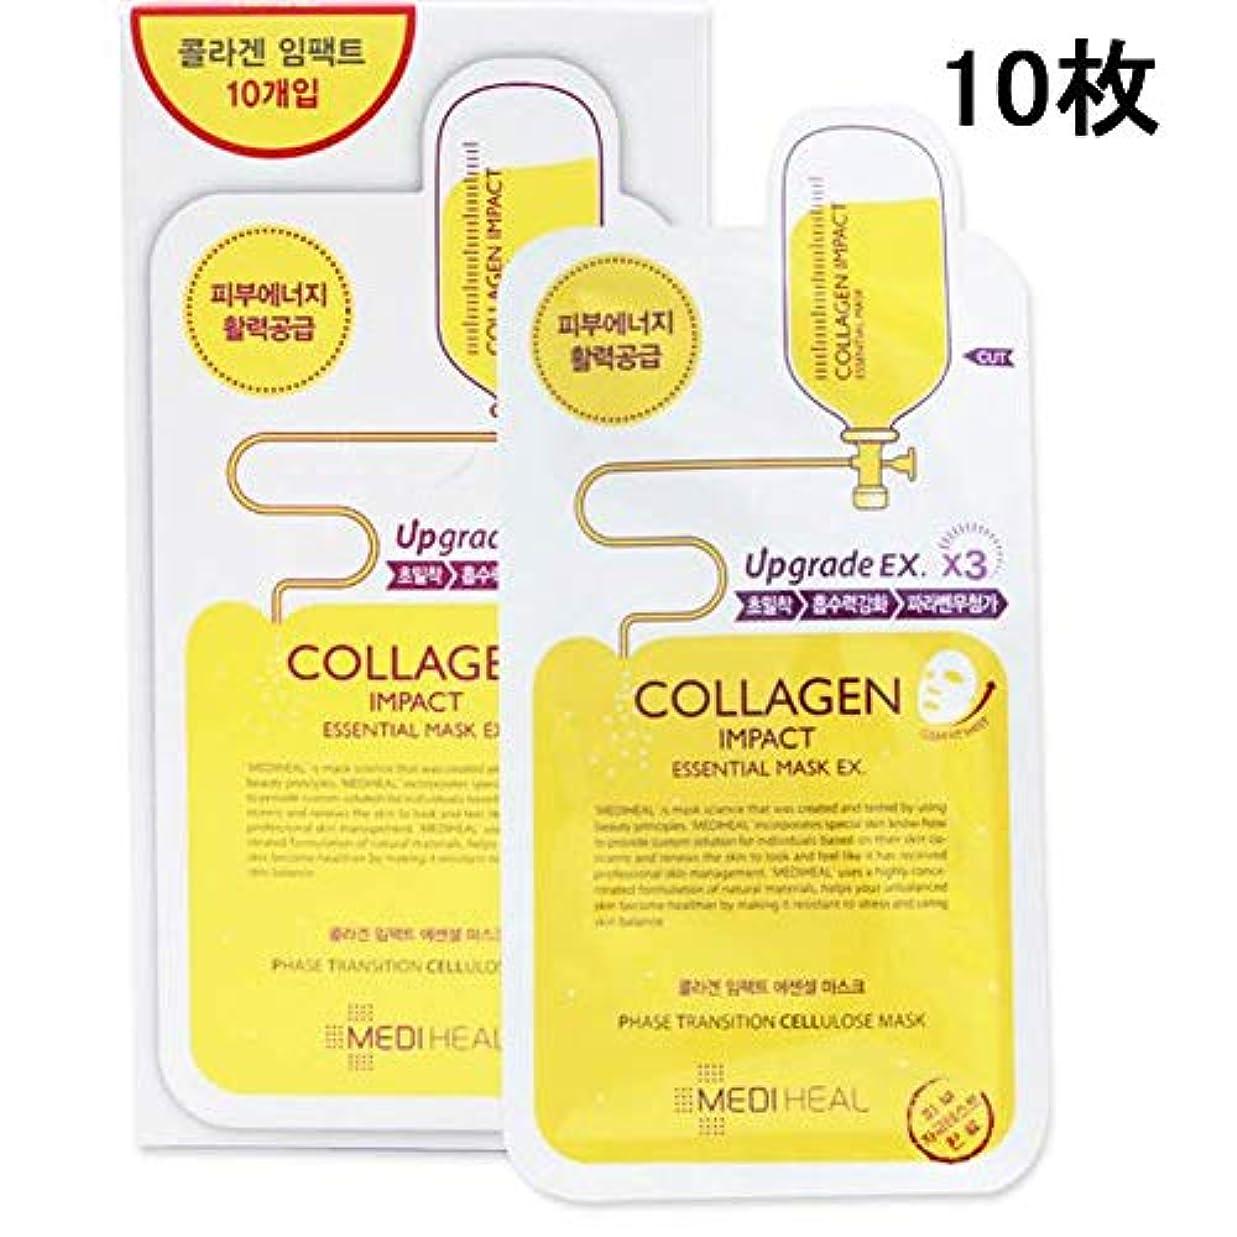 使用法エスカレーター創始者[メディヒール] Mediheal Colagen Impact Essential Mask メディヒールコラーゲンインパクトエッセンシャルマスクシートEX 10枚 (24ml) [海外直送品][並行輸入品]